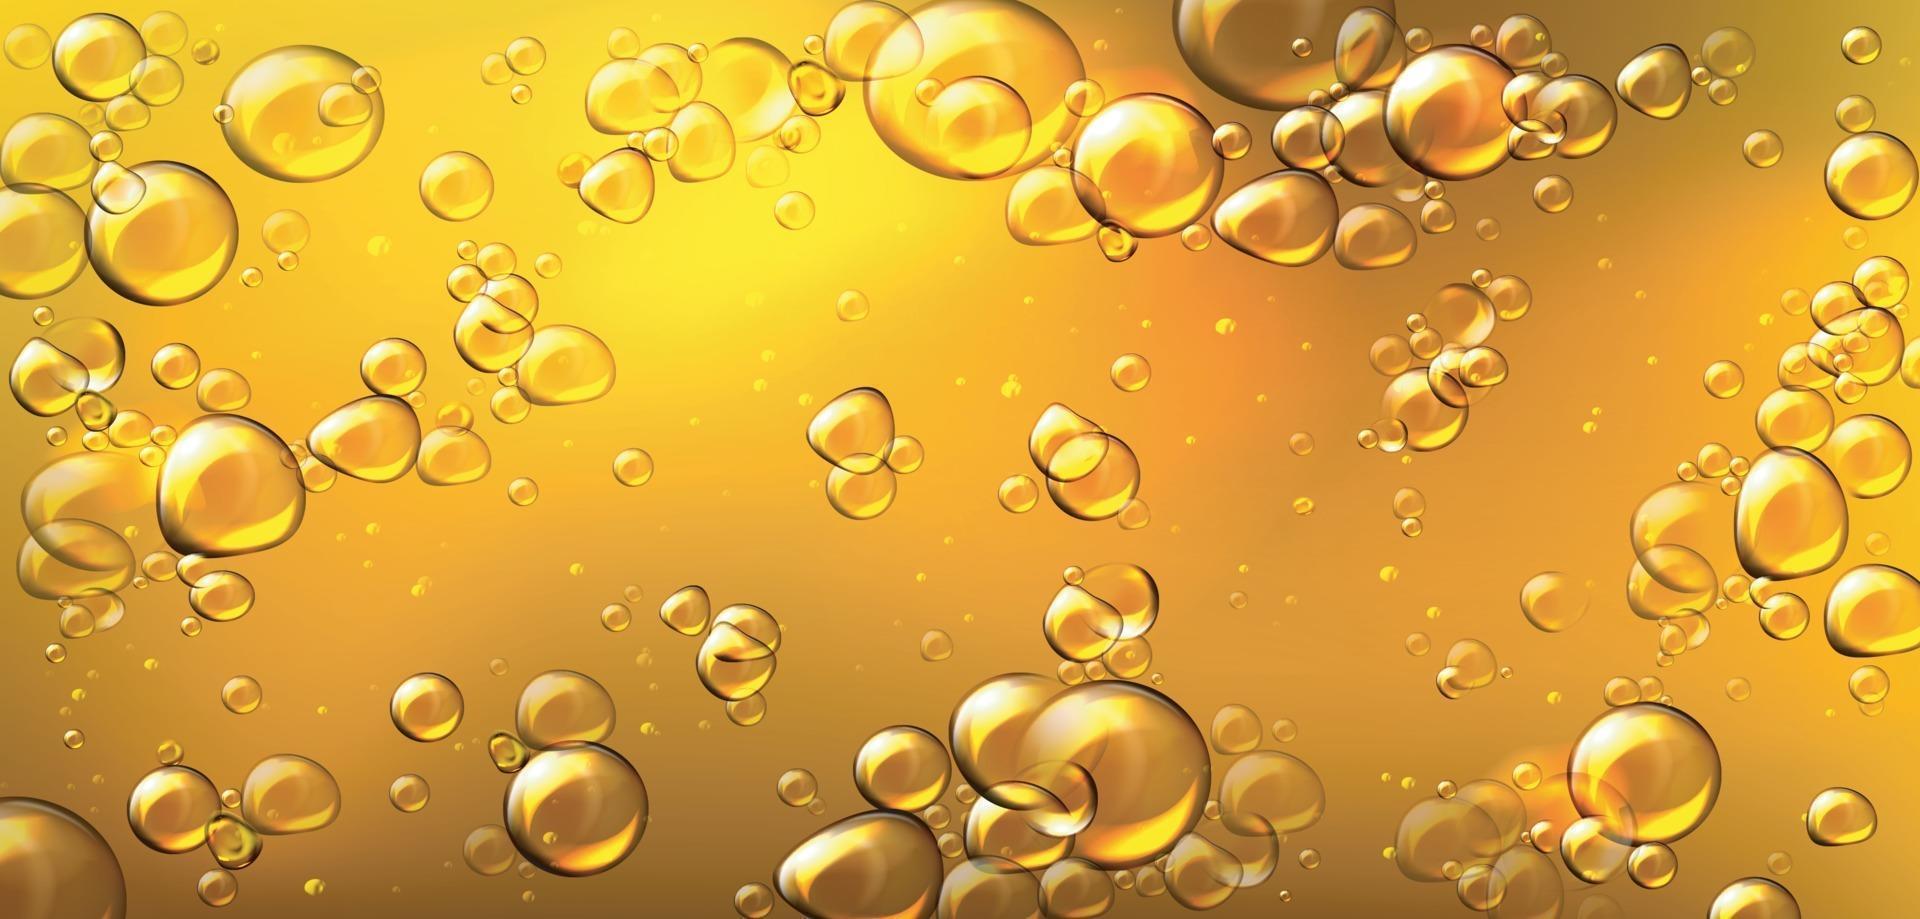 Luftblasen von Cola, Sodagetränk, Bier oder Wasser Textur abstrakten Hintergrund, transparentes Aqua mit zufällig bewegten unter Wasser sprudelnden Tröpfchen. Vektor eps 10